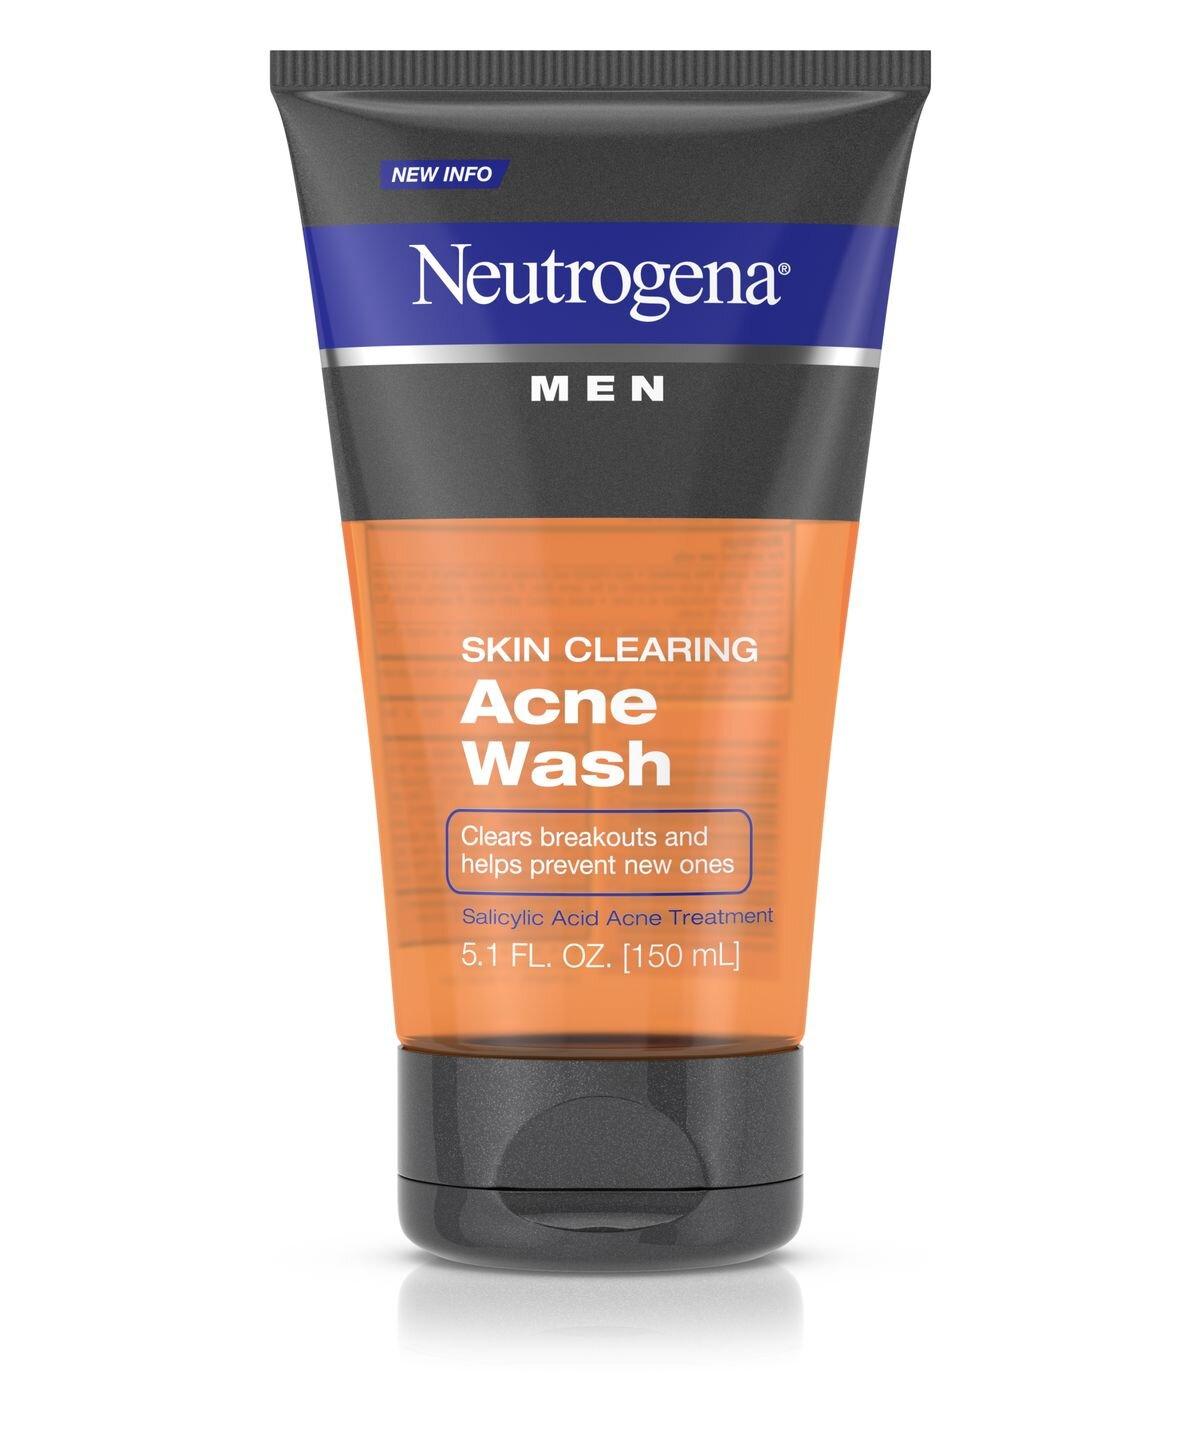 Sữa rửa mặt Neutrogena dành cho nam có những loại nào tốt ?